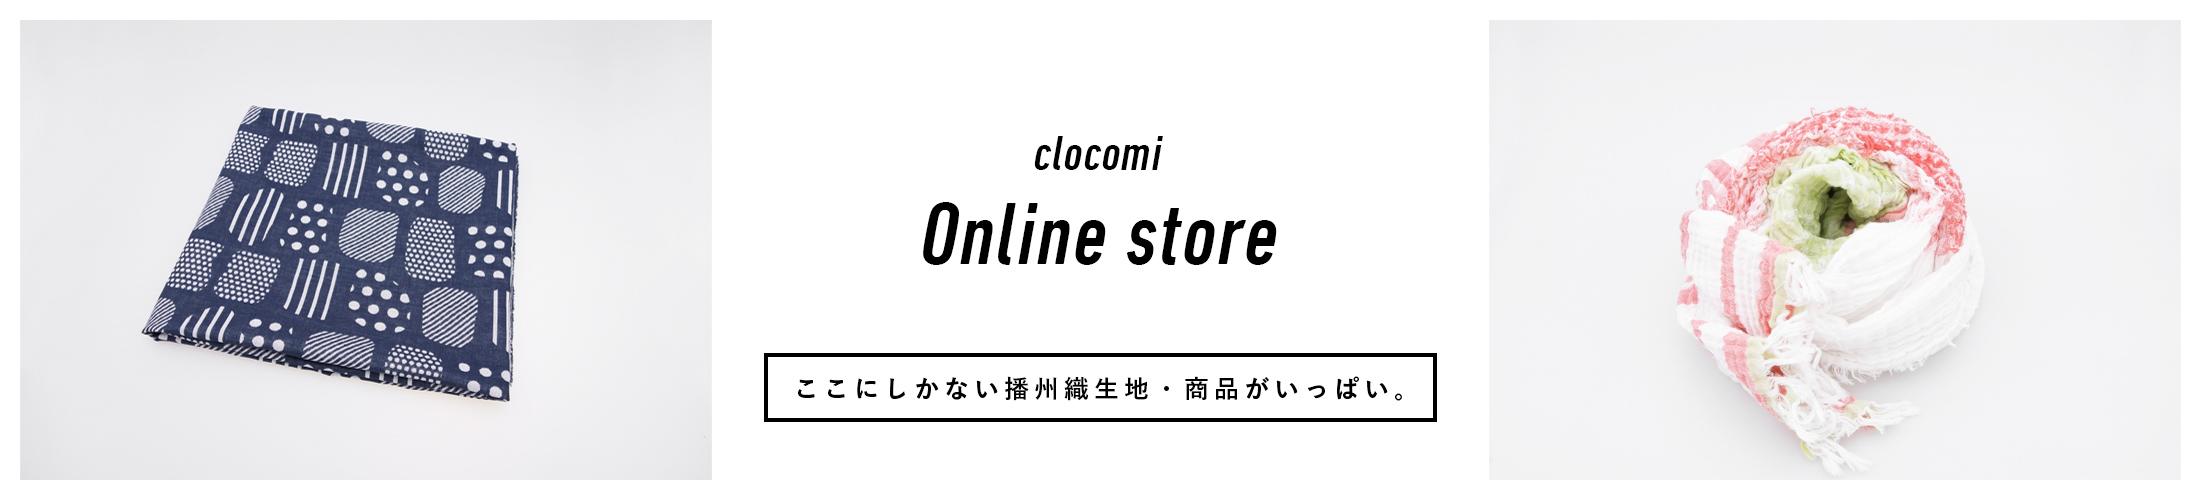 clocomiオンラインストア